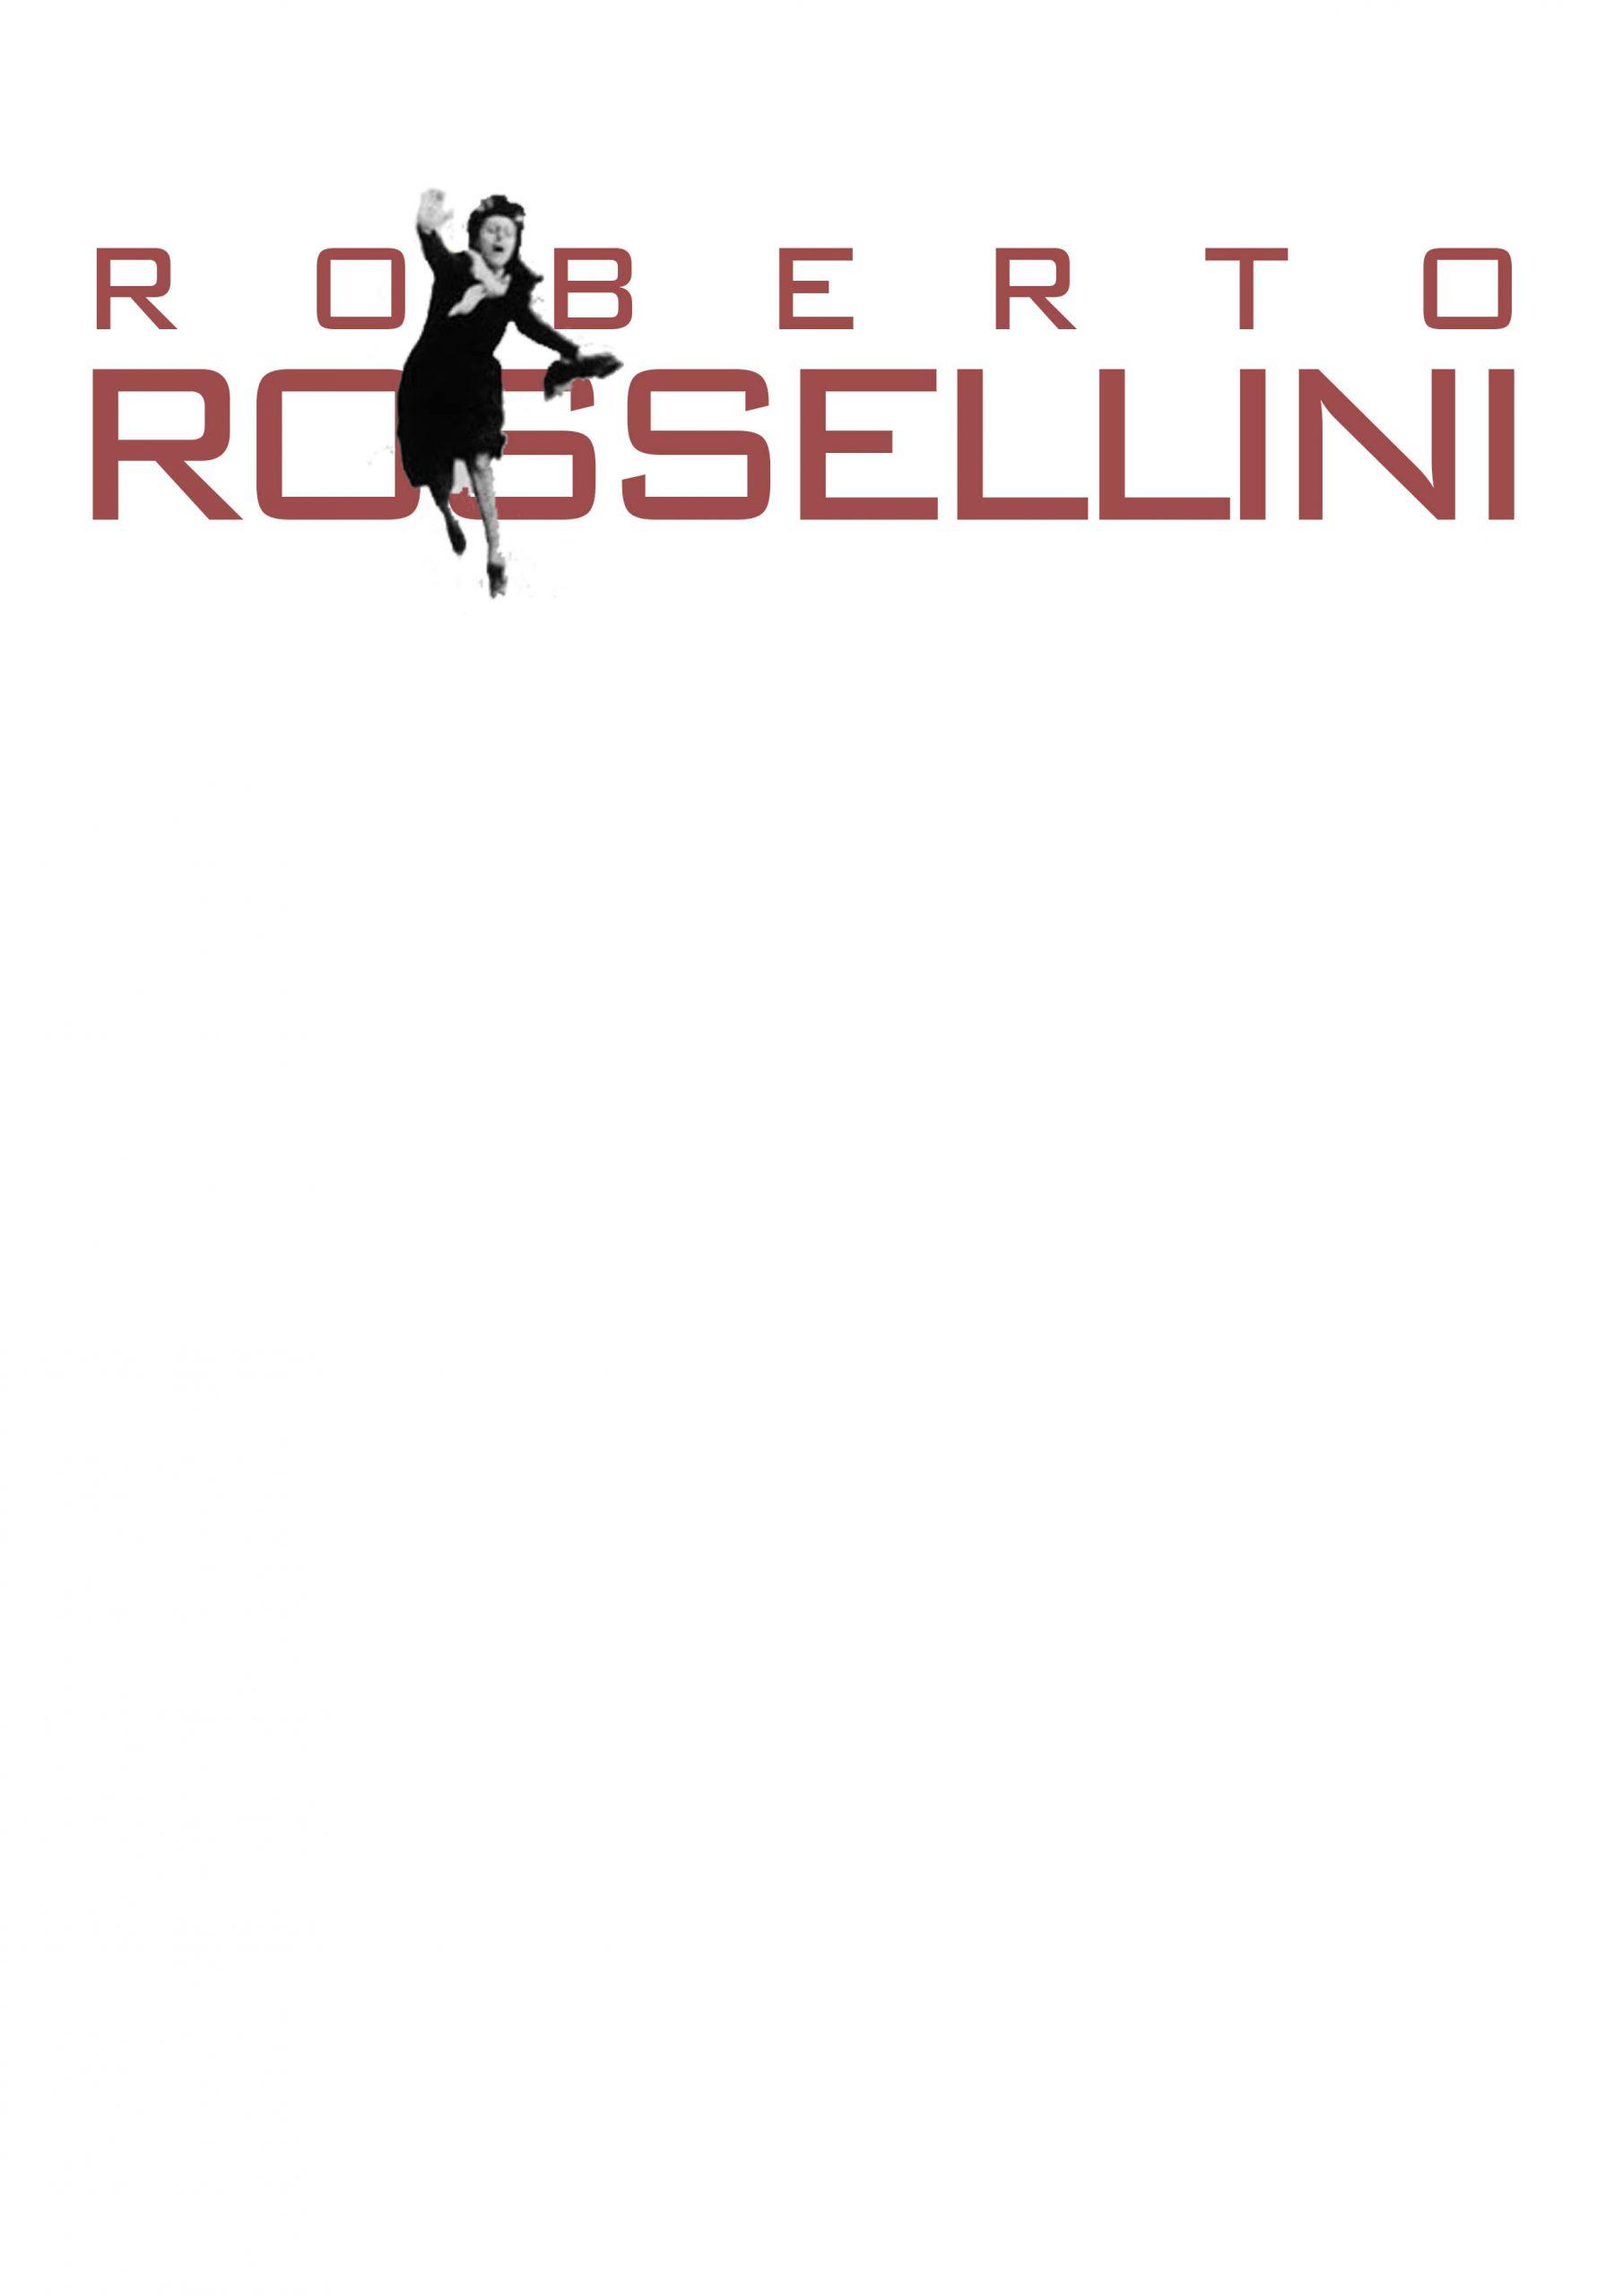 Rossellini a comic biopic?